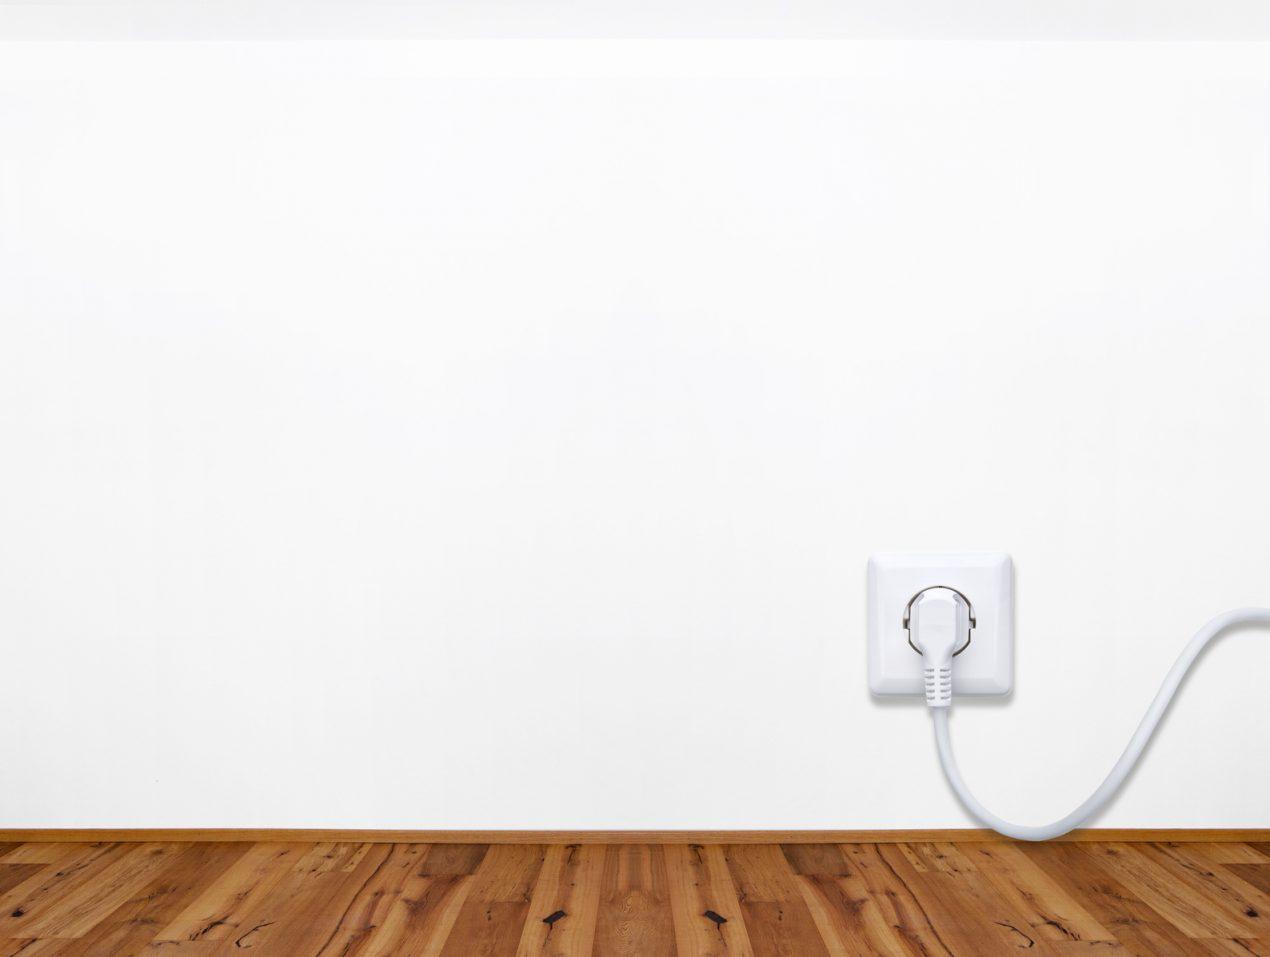 Quelle prise électrique choisir ? Le guide de Mon Magasin Général